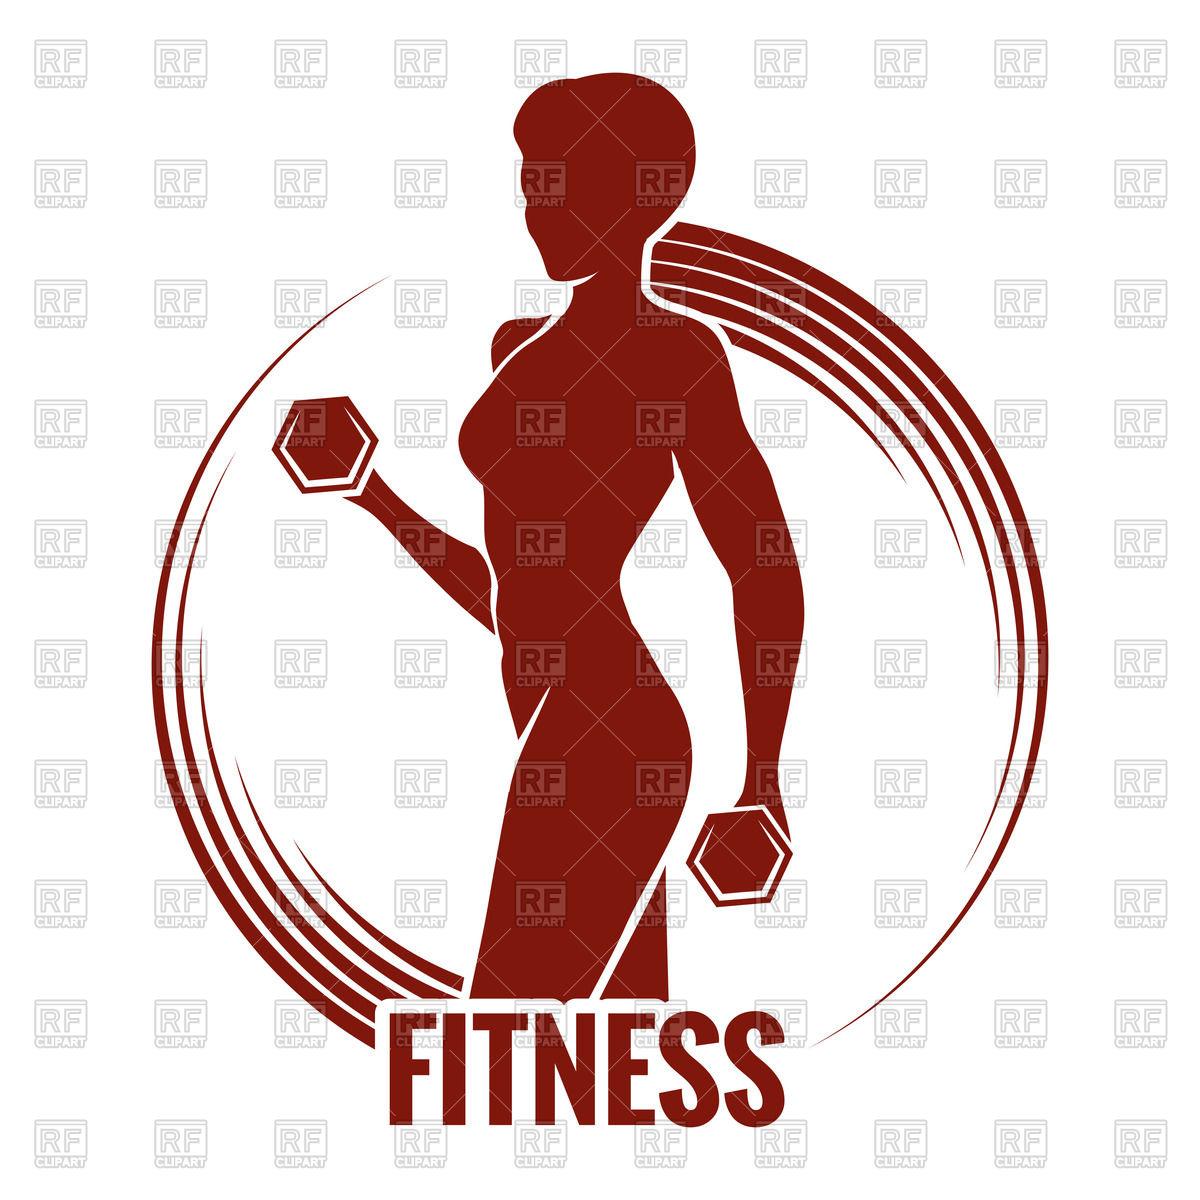 1200x1200 Fitness Club Emblem